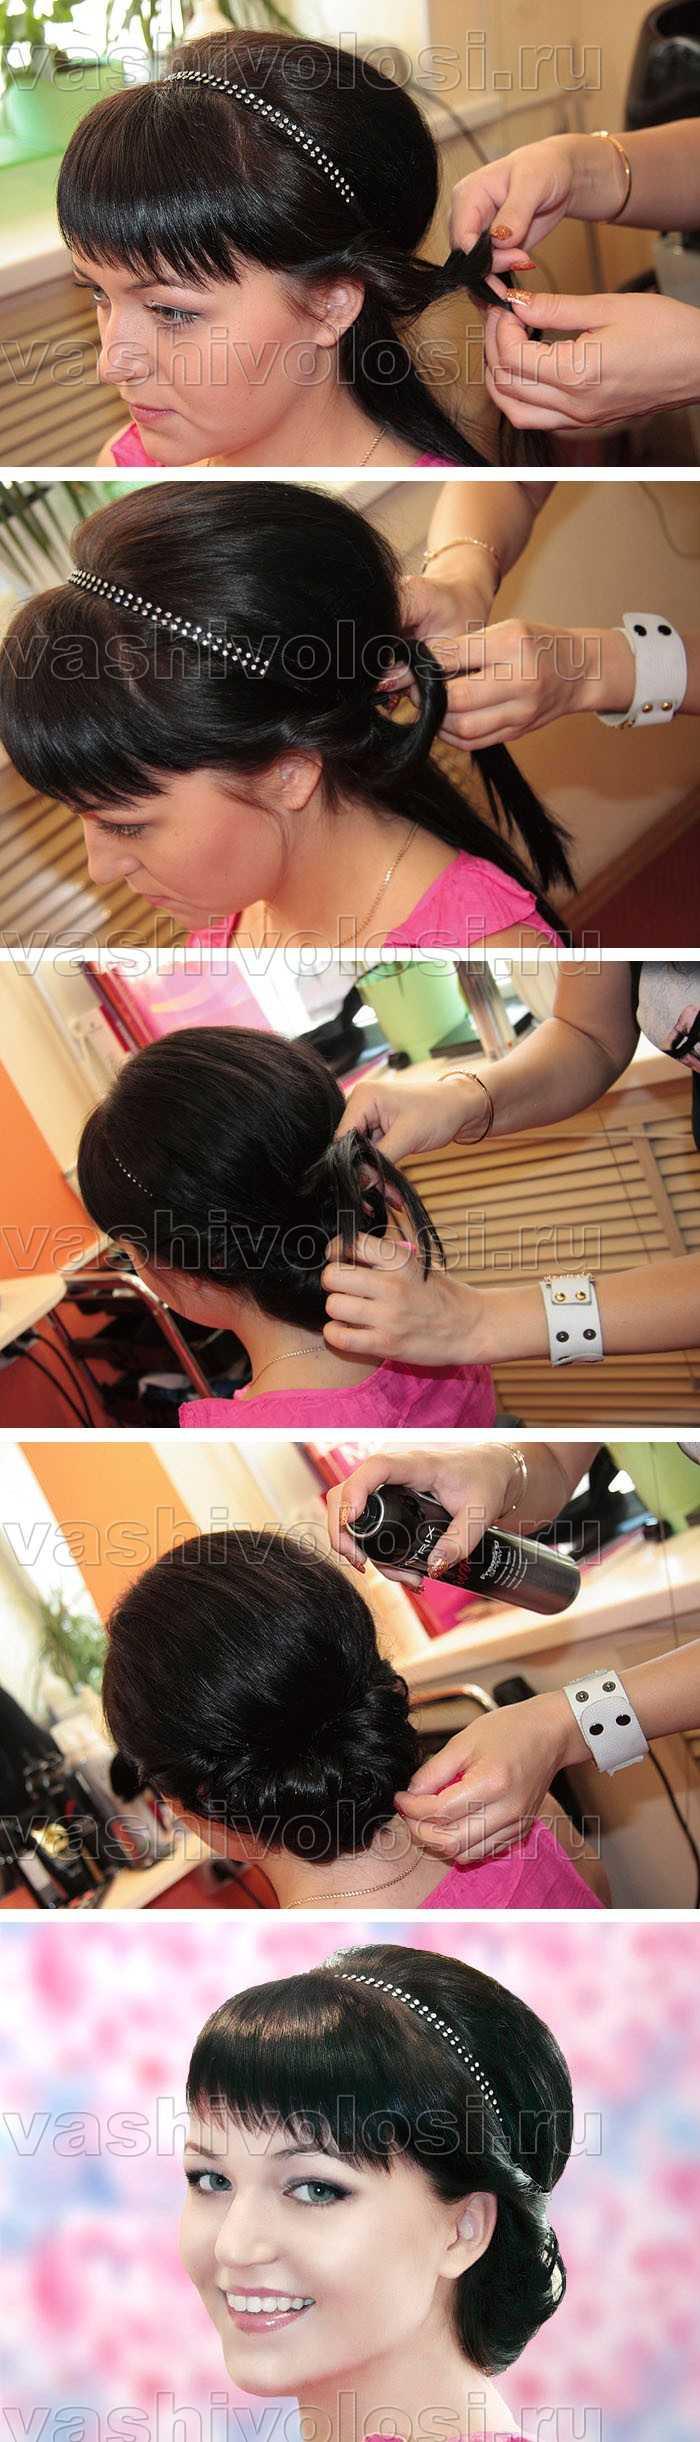 Греческая причёска с чёлкой и повязкой